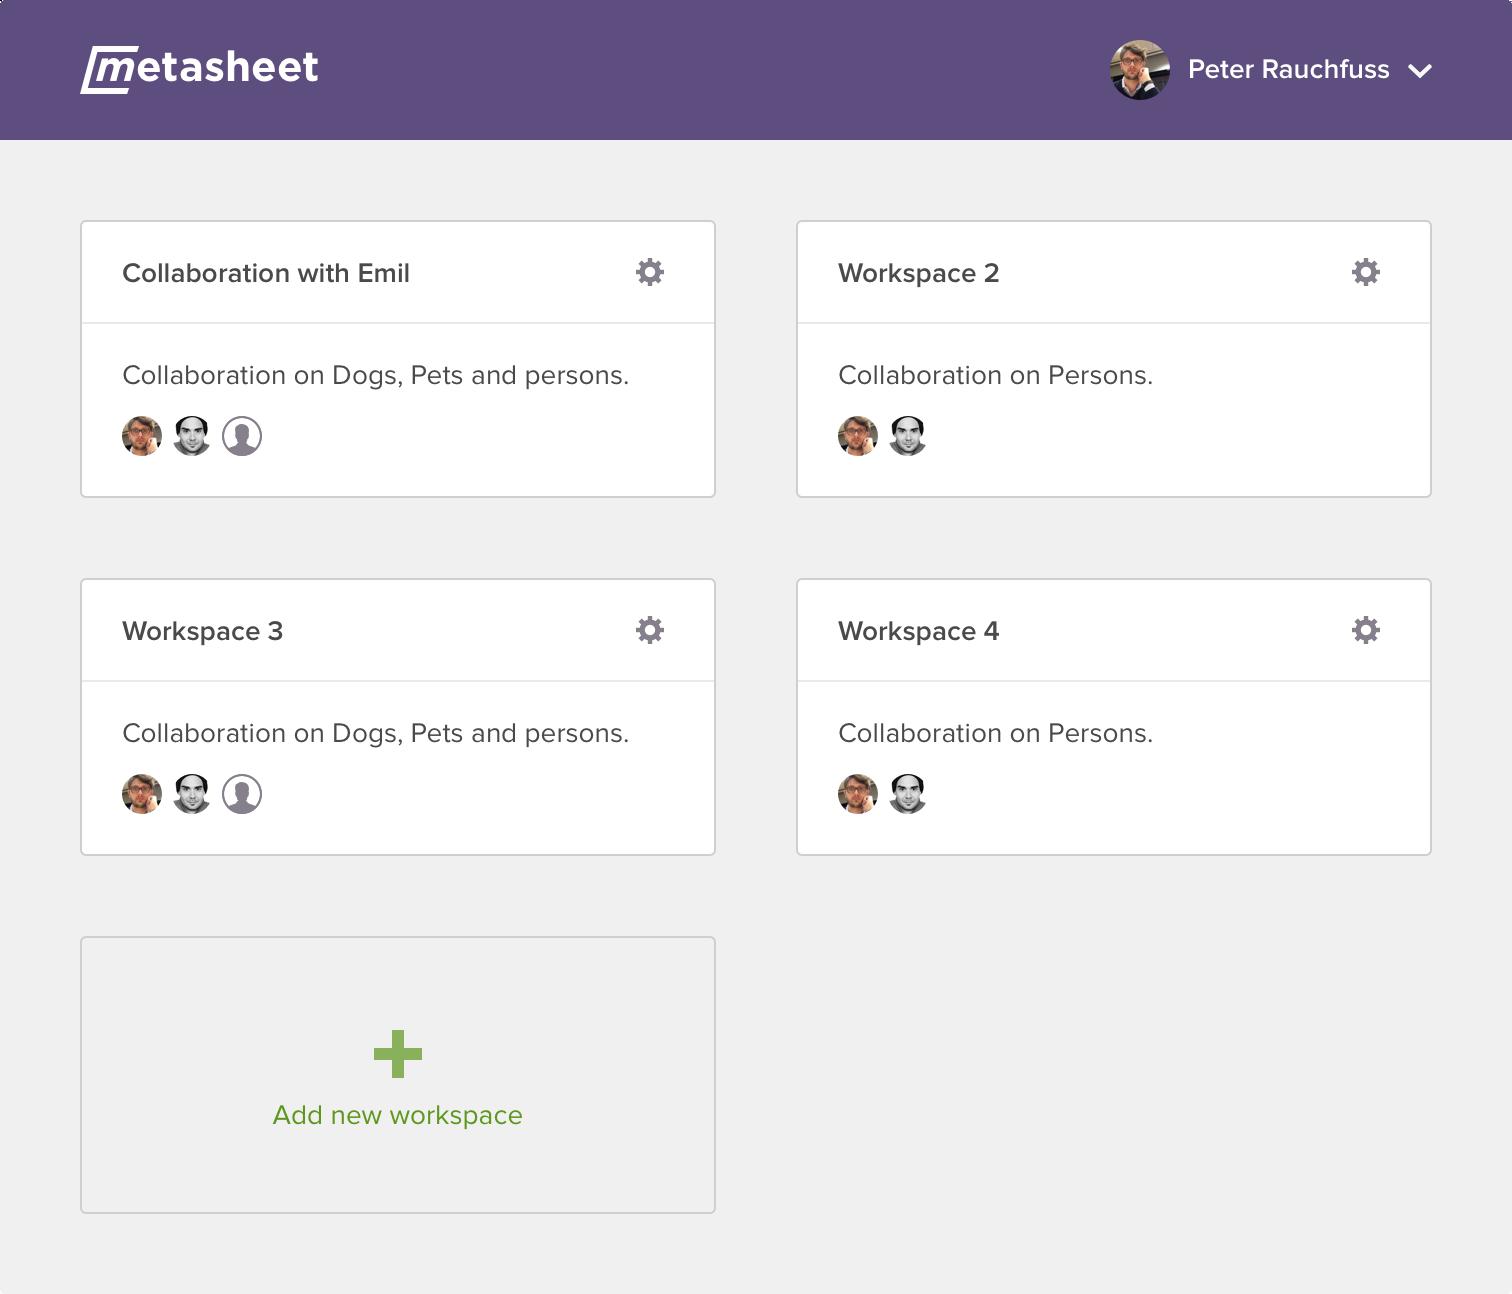 Metasheet - Product design